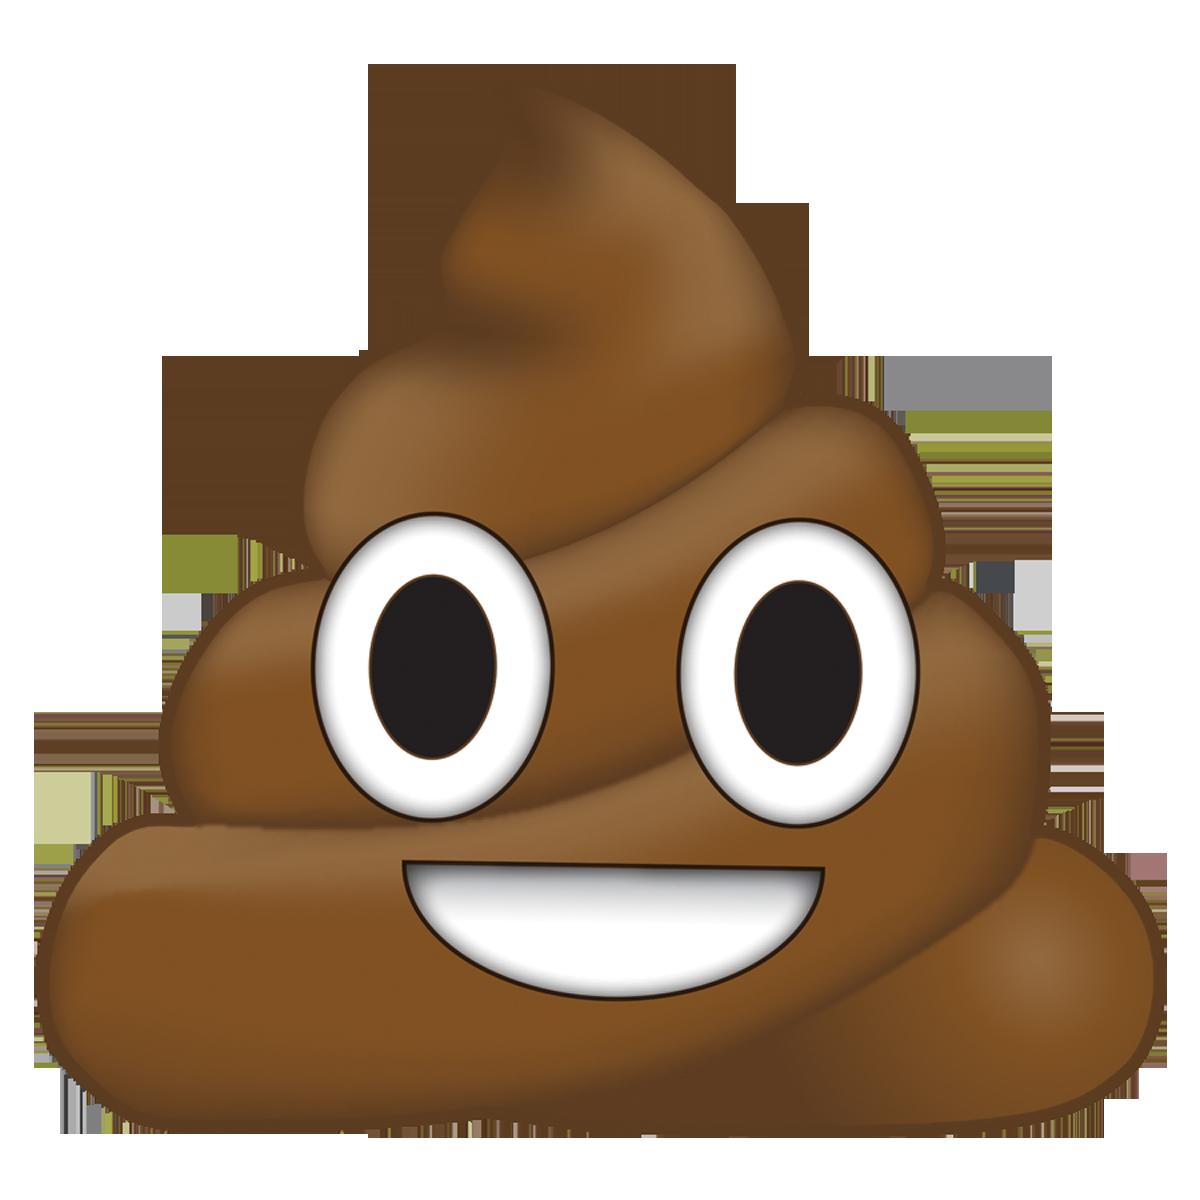 Pin By Luis Cielak On Poop Pinterest Emojis